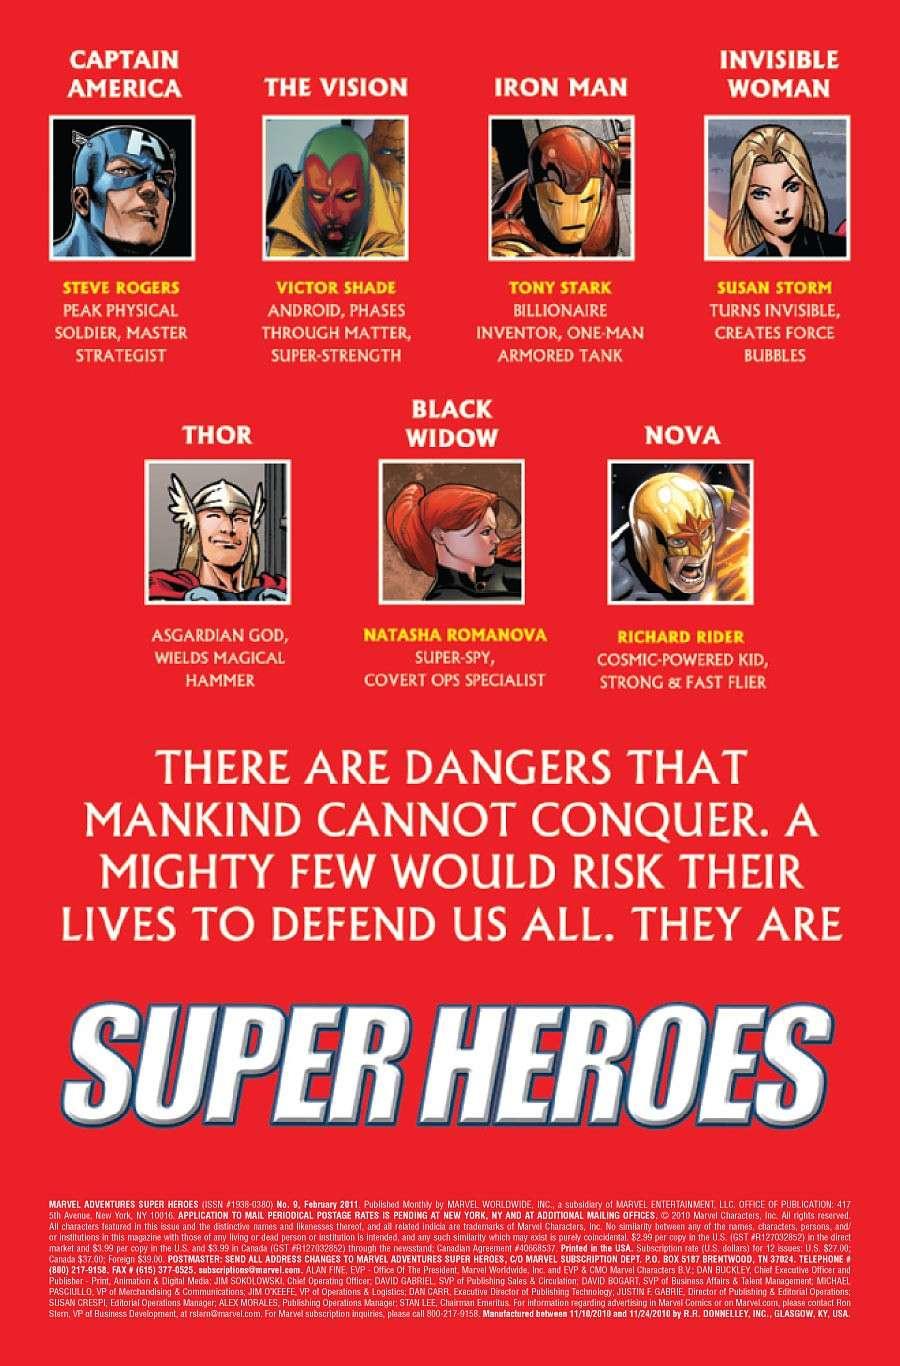 Marvel Adventure Super Heroes #9 Prv71619